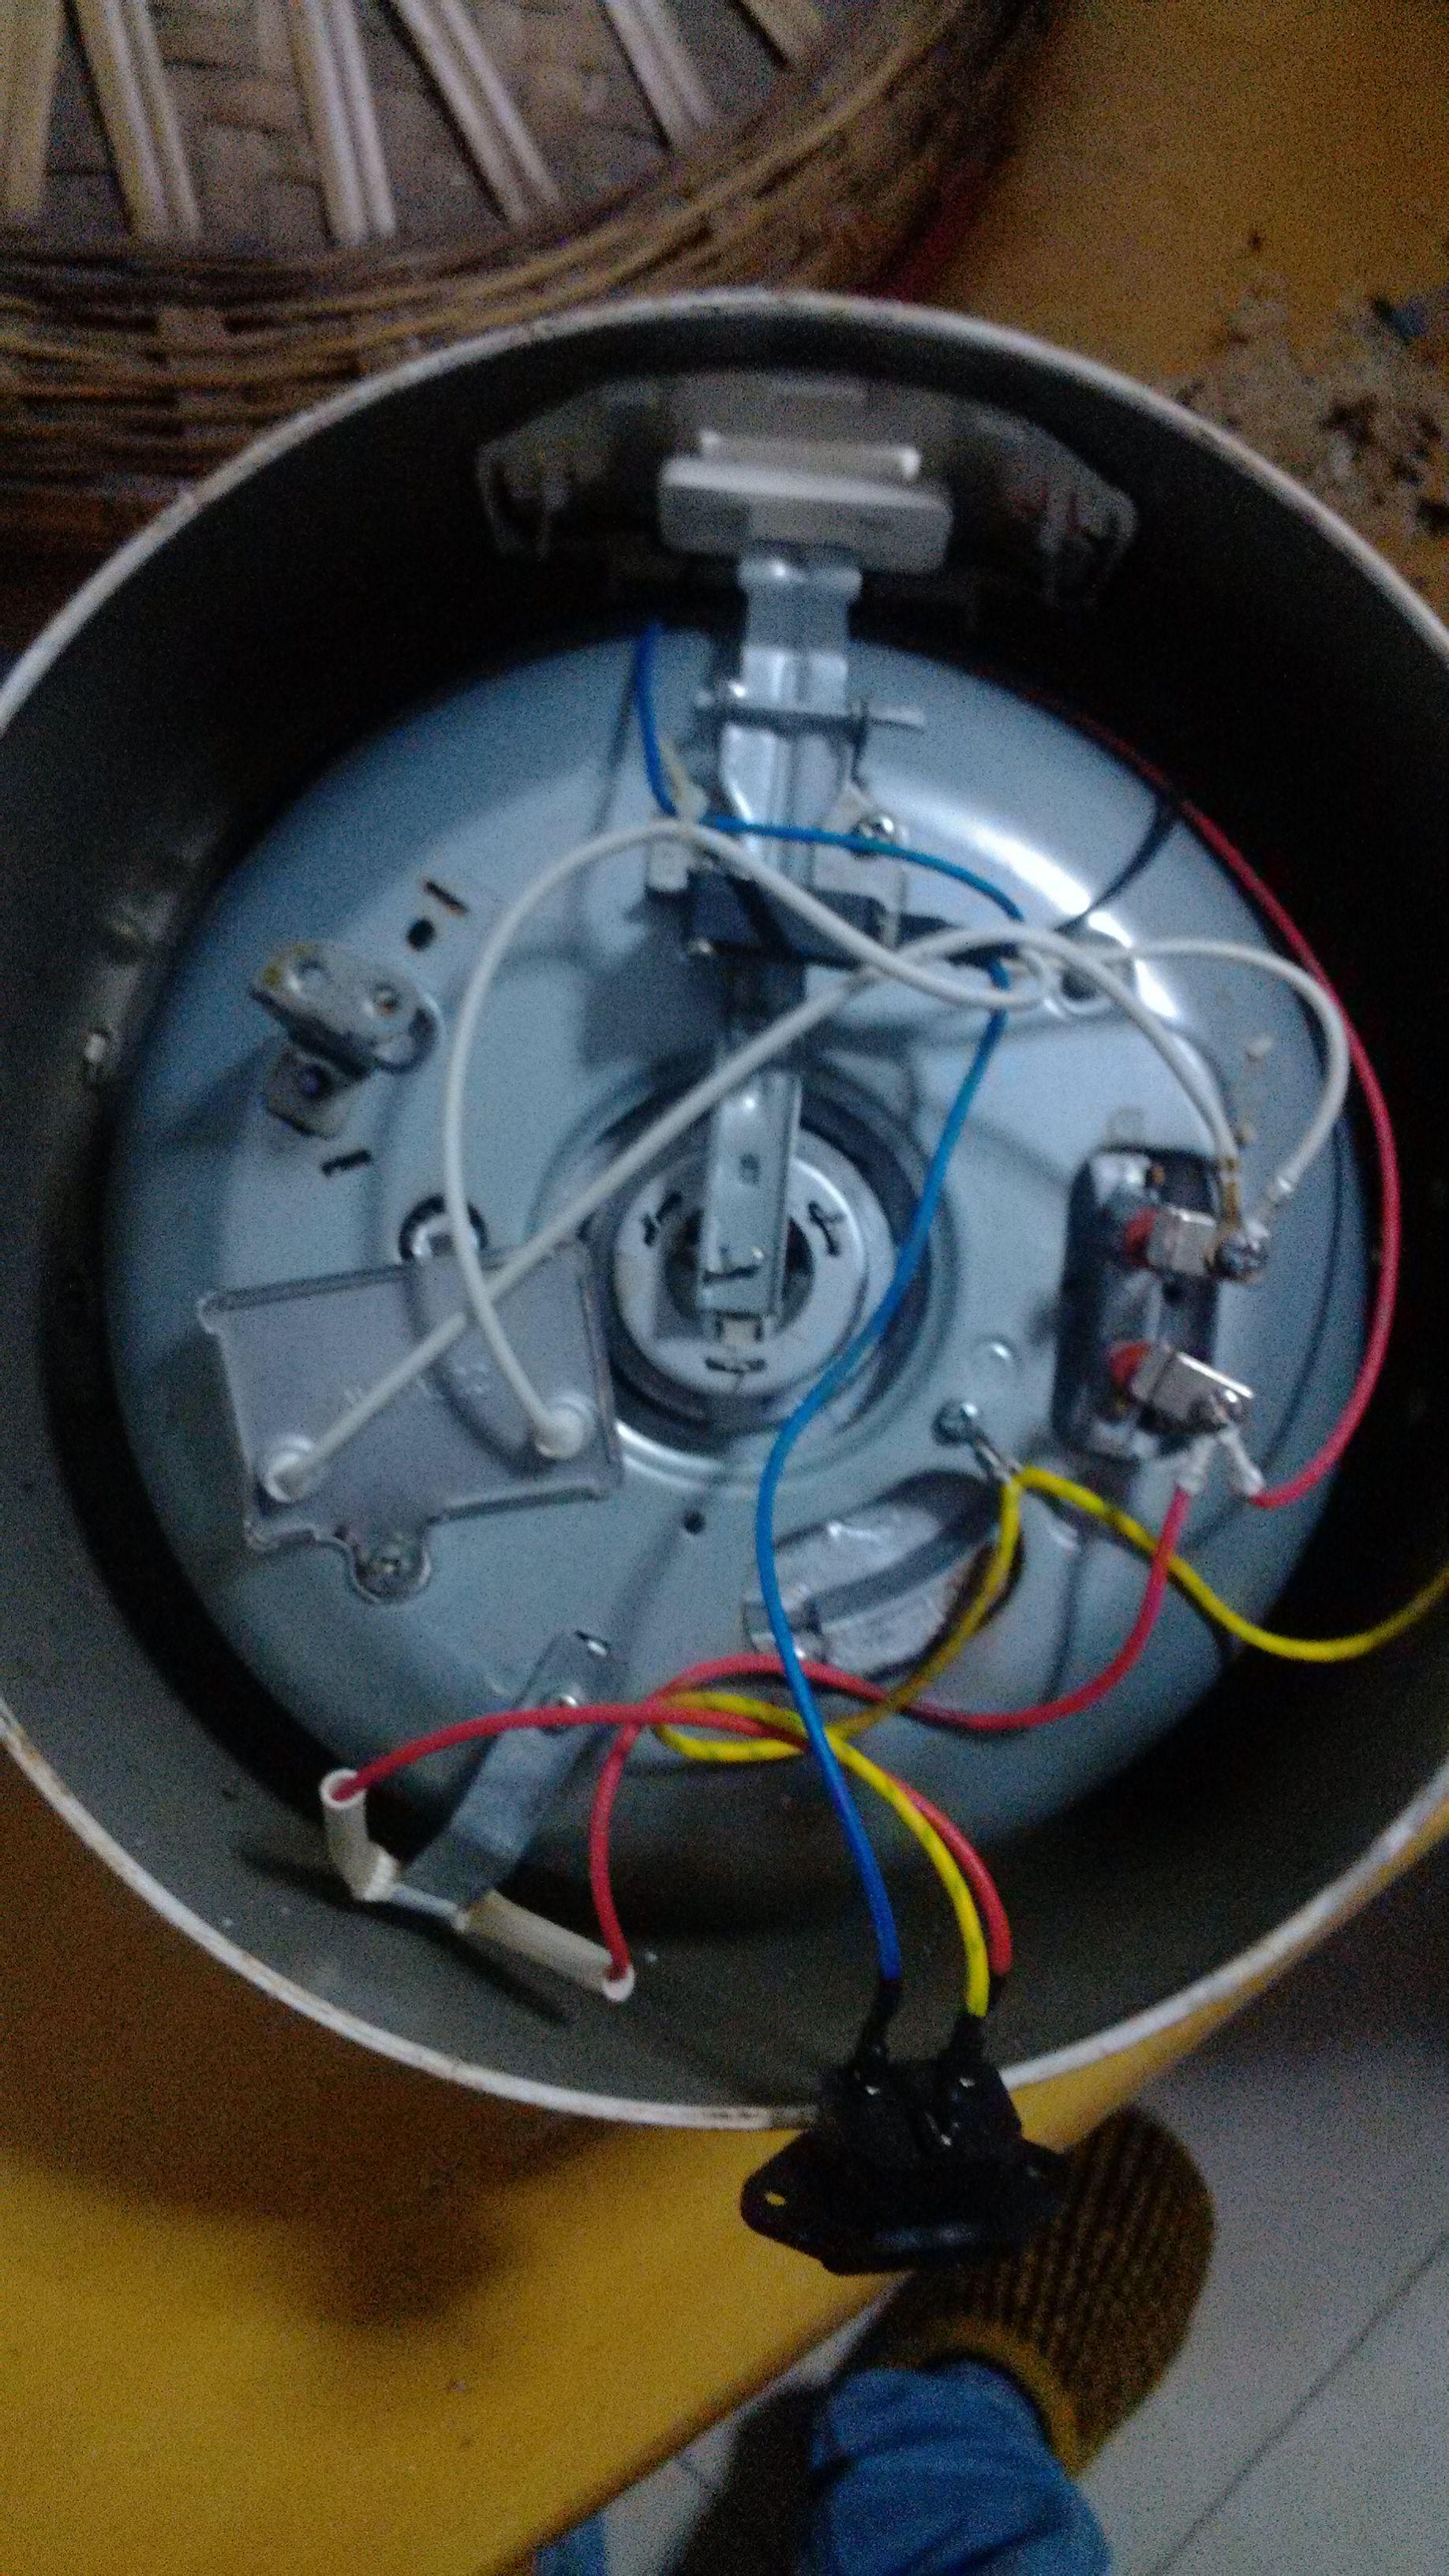 電飯鍋三根線接線圖解